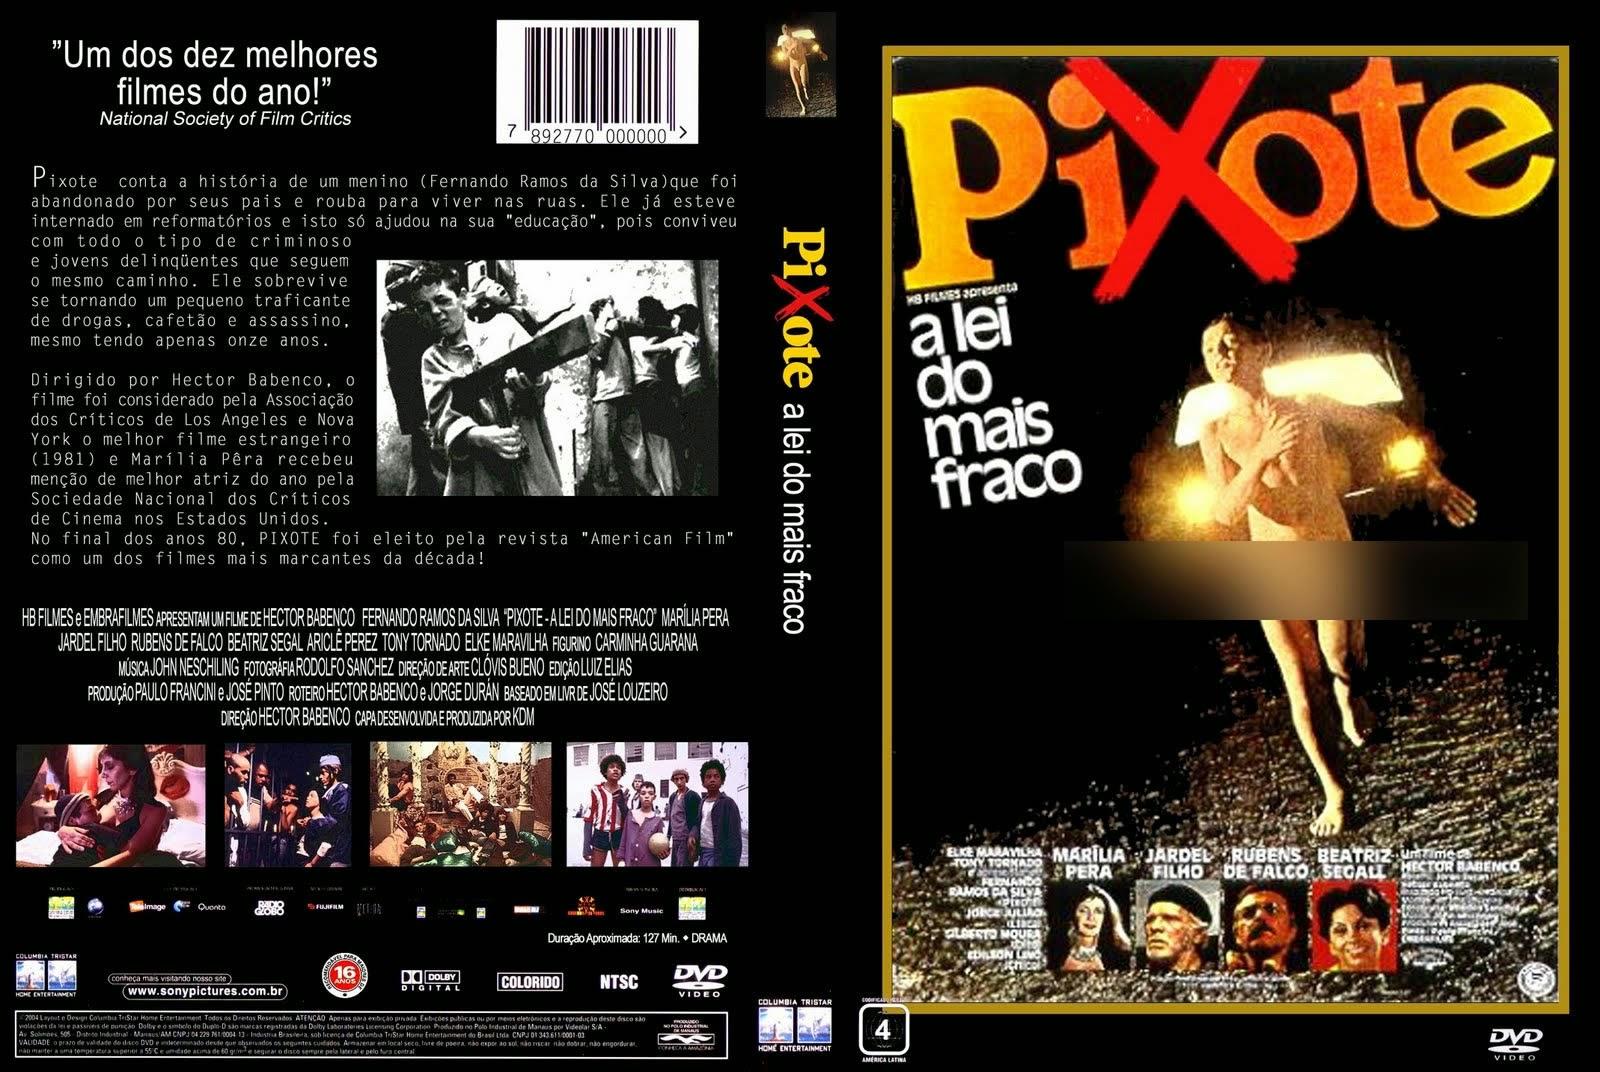 Пишоте: Закон самого слабого / Pixote: A Lei do Mais Fraco. 1981.